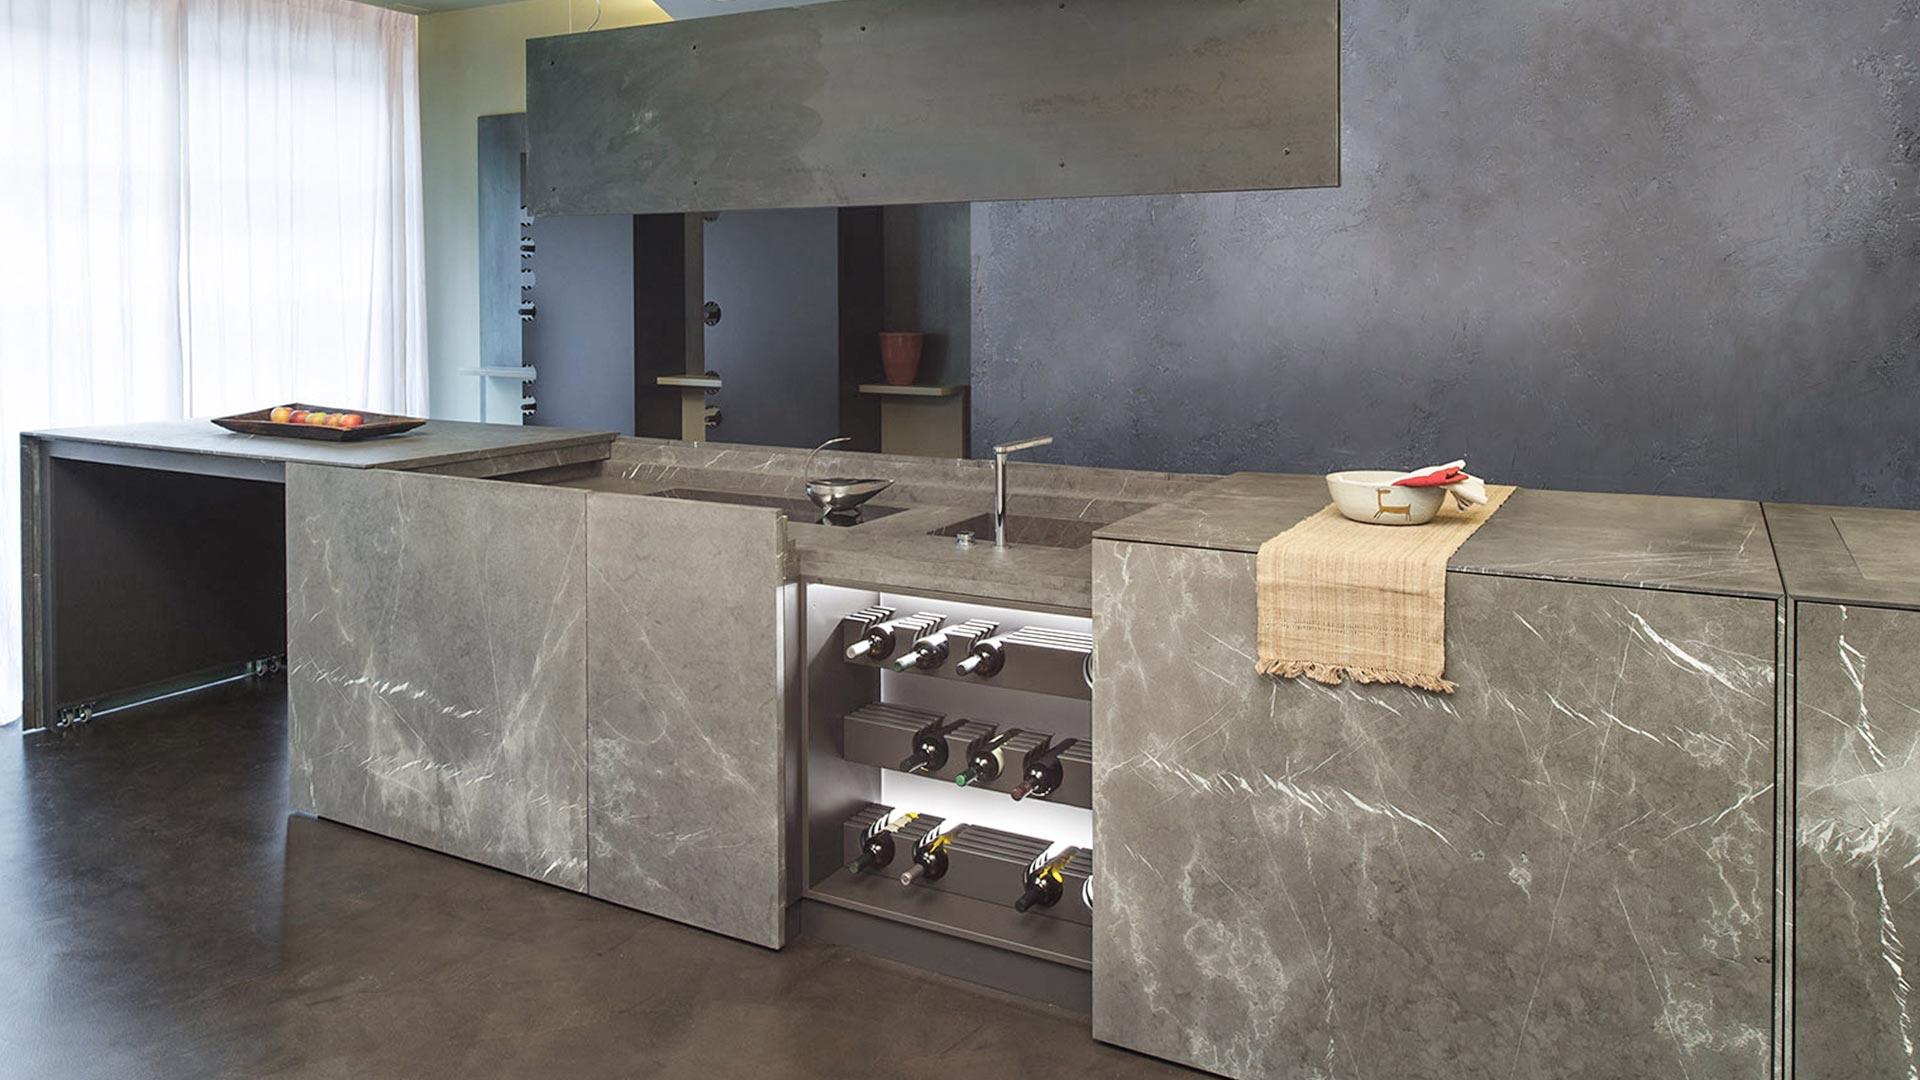 Cucina monoblocco a scomparsa in pietra di Corinto con isola